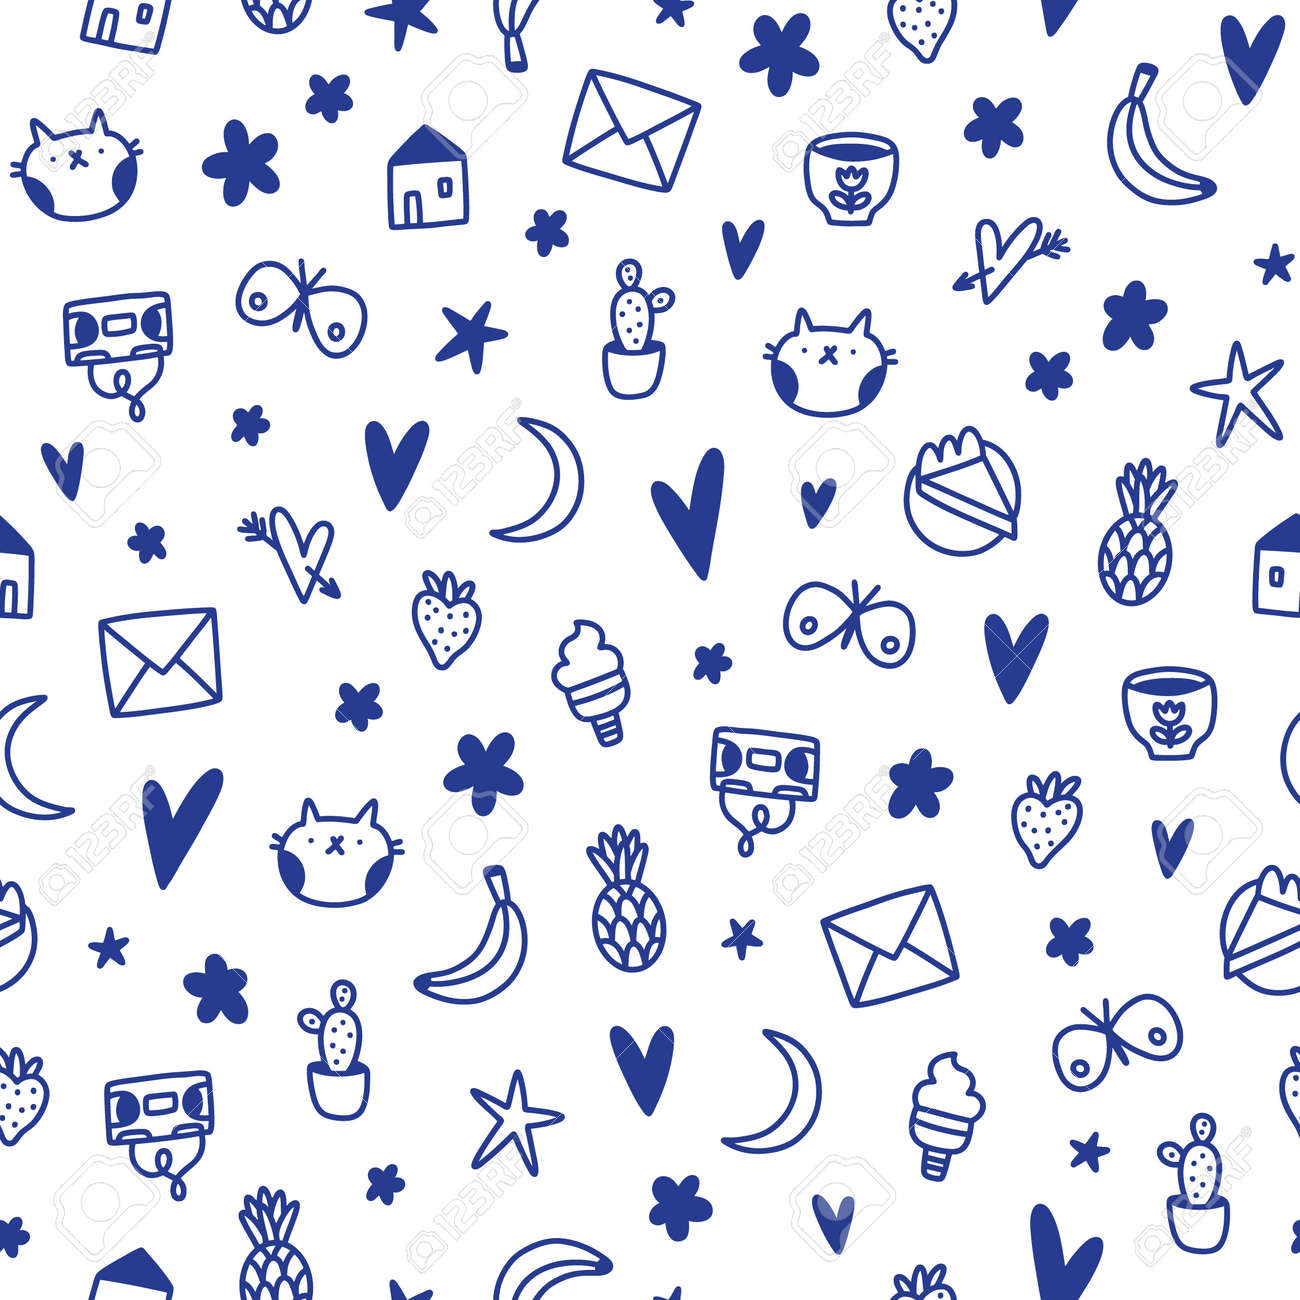 Cute ink doodles, kids nursery, simple and fun vector seamless pattern - 162389500